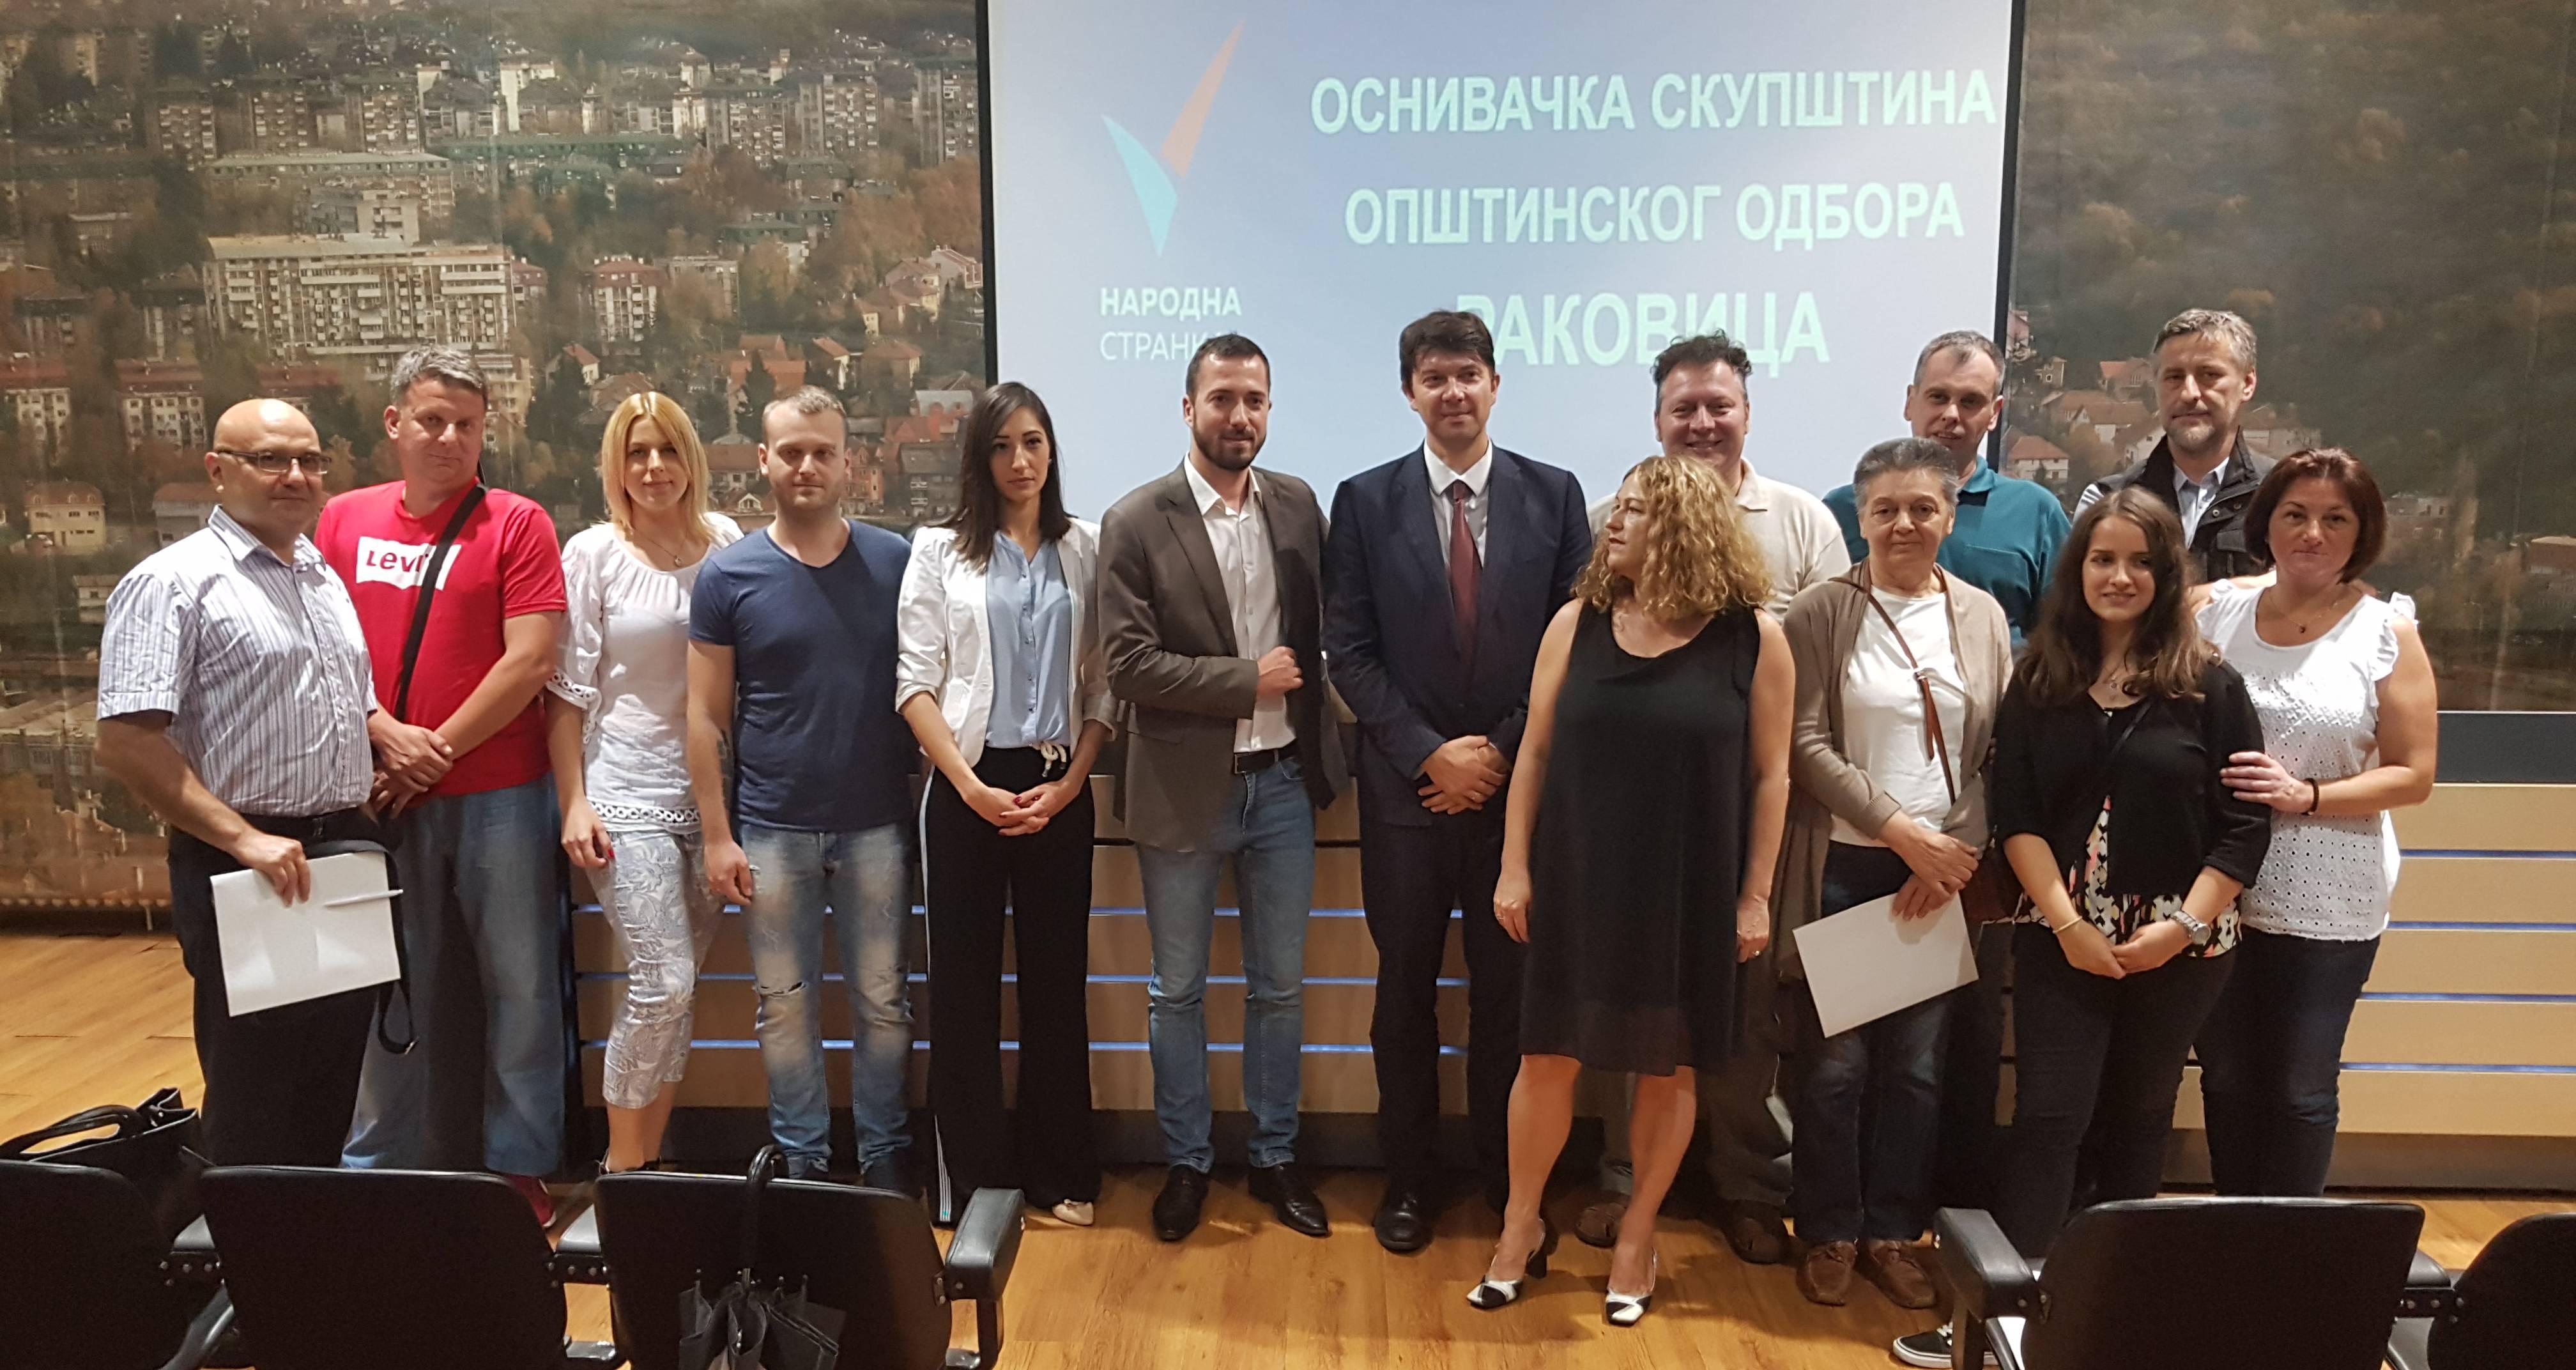 Београд: Основан Општински одбор Народне странке Раковица